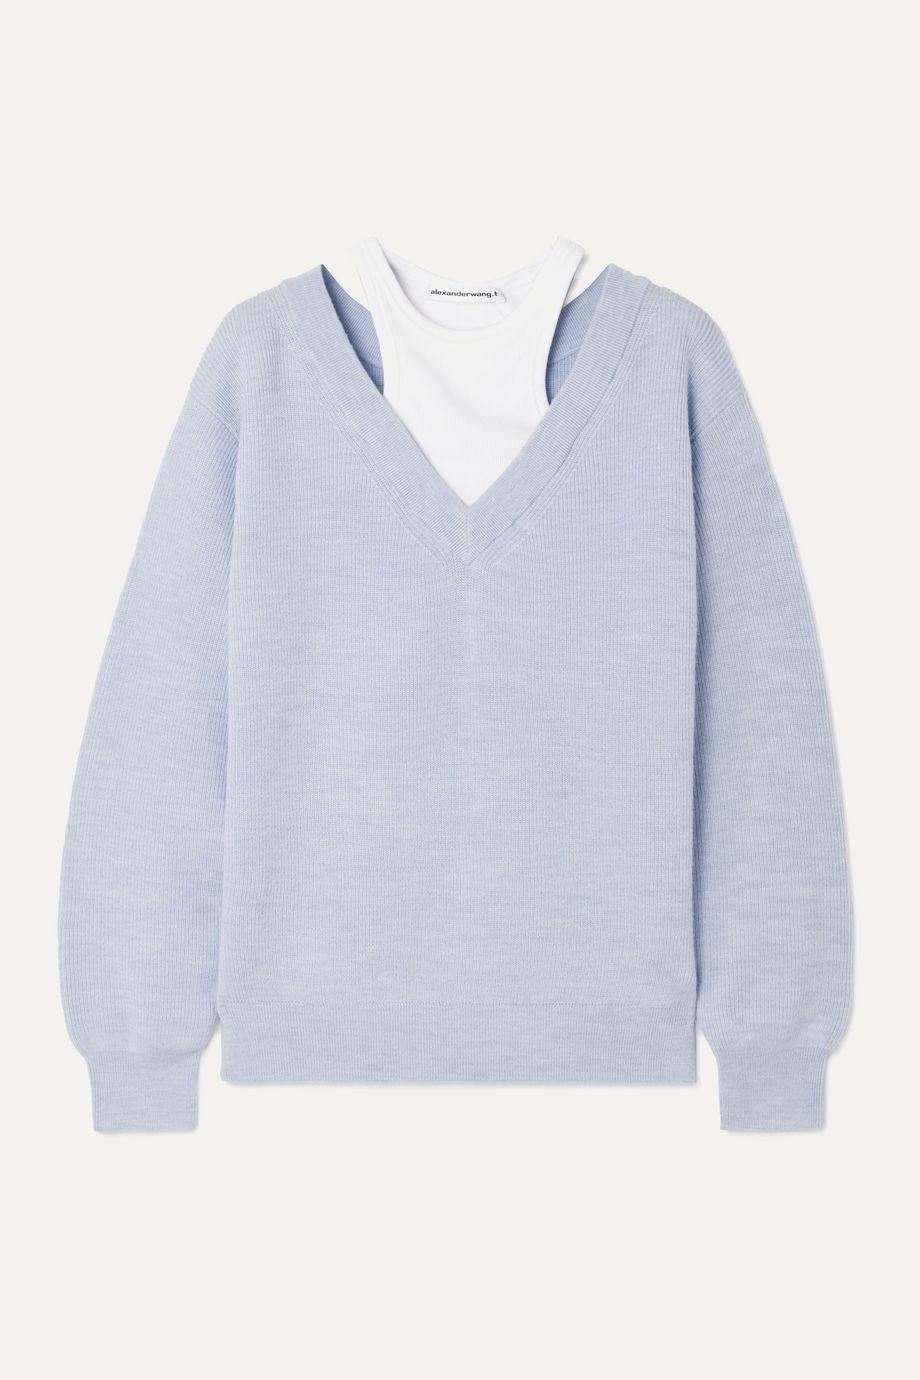 alexanderwang.t Mehrlagiger Pullover aus Merinowolle und Stretch-Baumwoll-Jersey